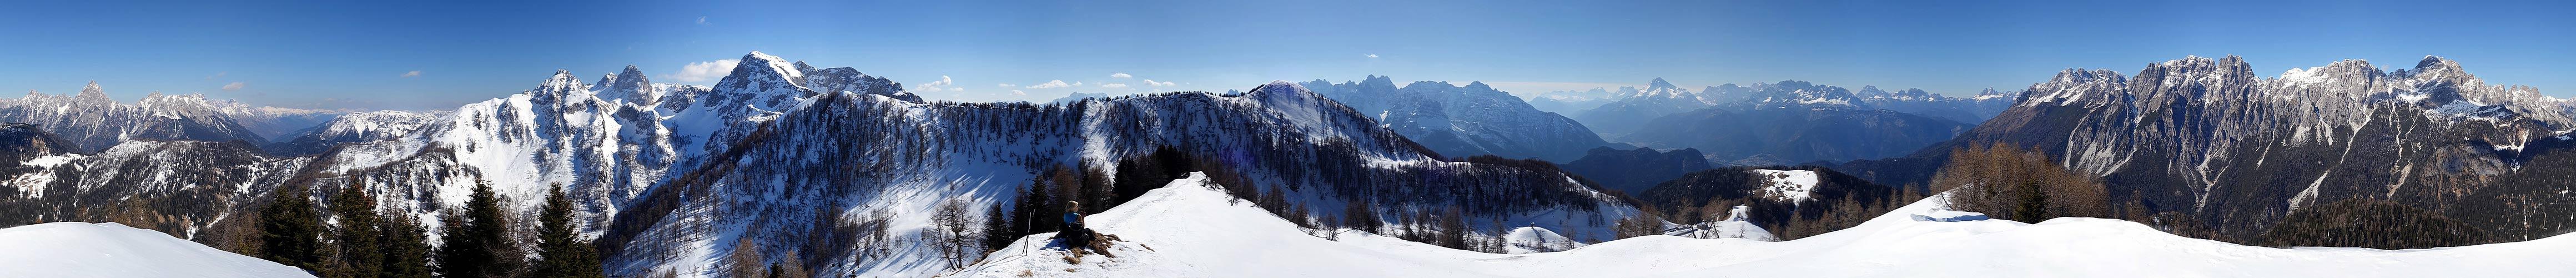 Panoramica 360° da Monte Verna: dalla Terza Media al gruppo dei Brentoni passando per Tiarfin, Cridola, Antelao, Tre Cime di Lavaredo